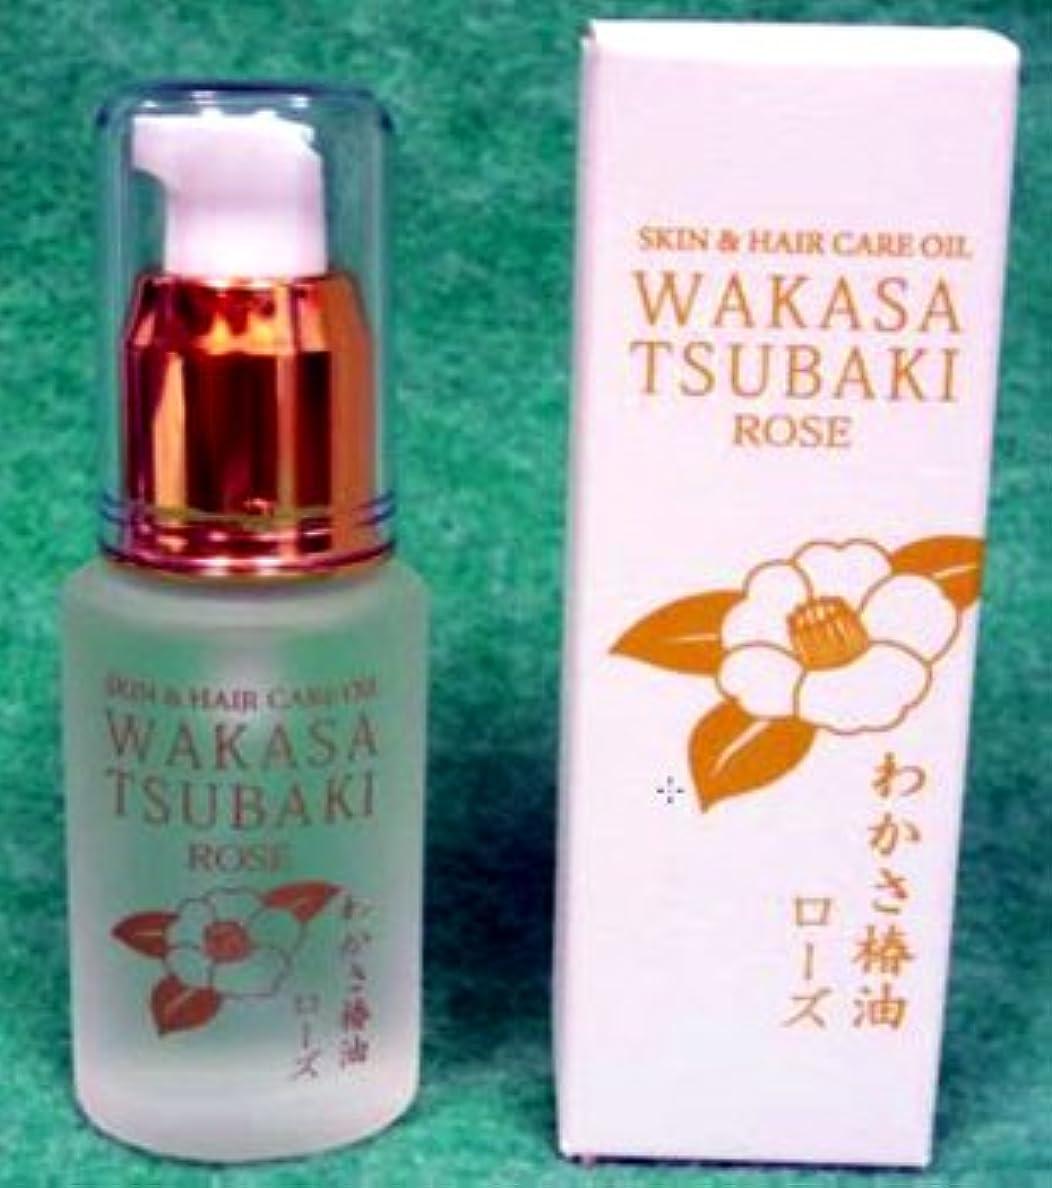 住む確率和解するタナカ WAKASA TSUBAKI ROSE